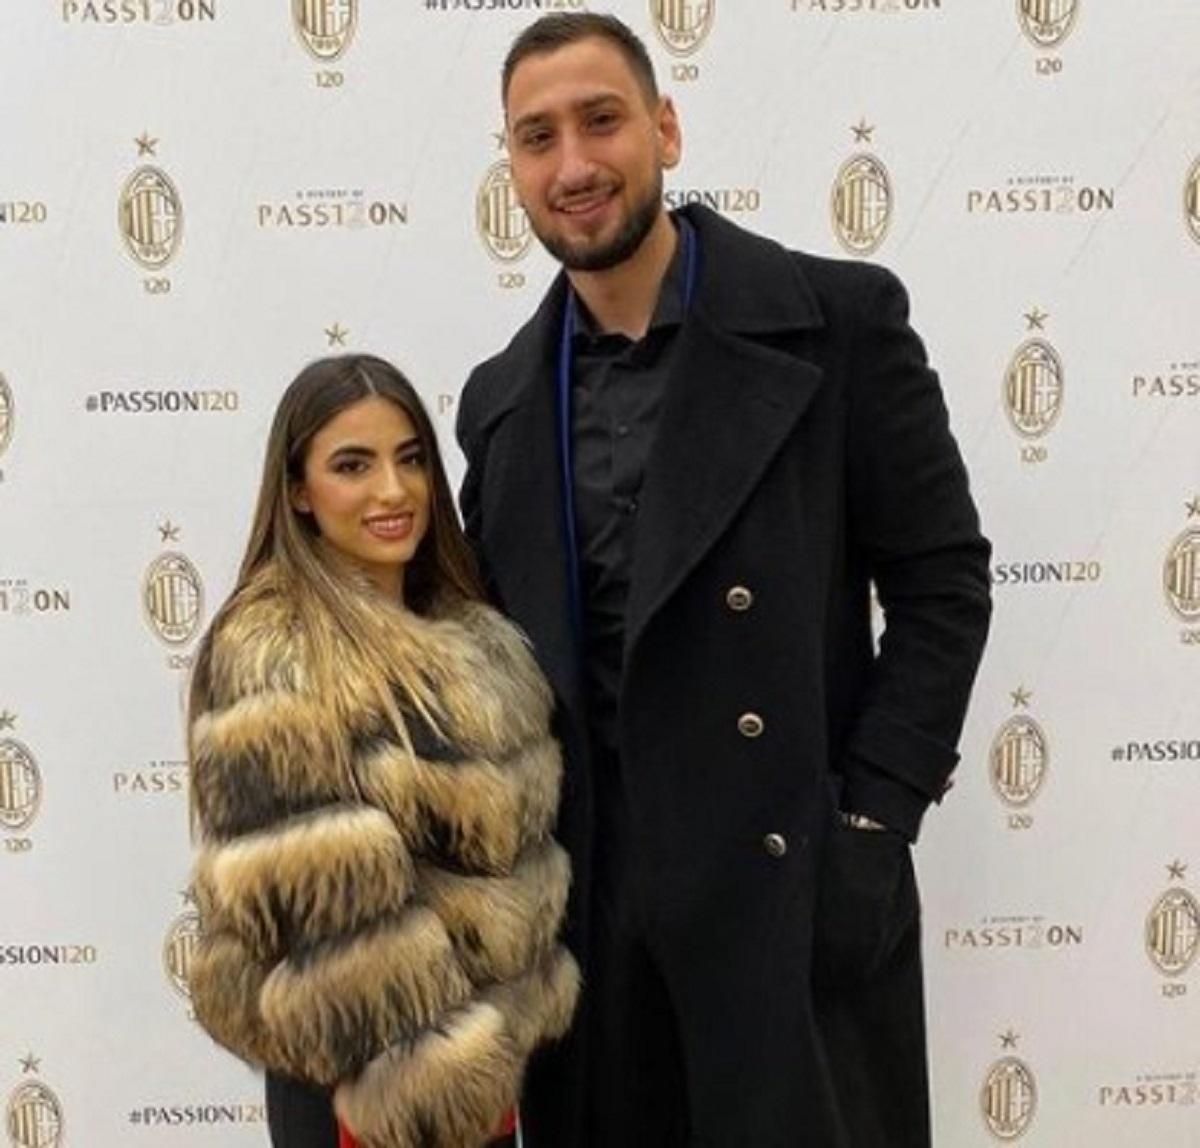 Gigi Donnarumma fidanzata Alessia Elefante